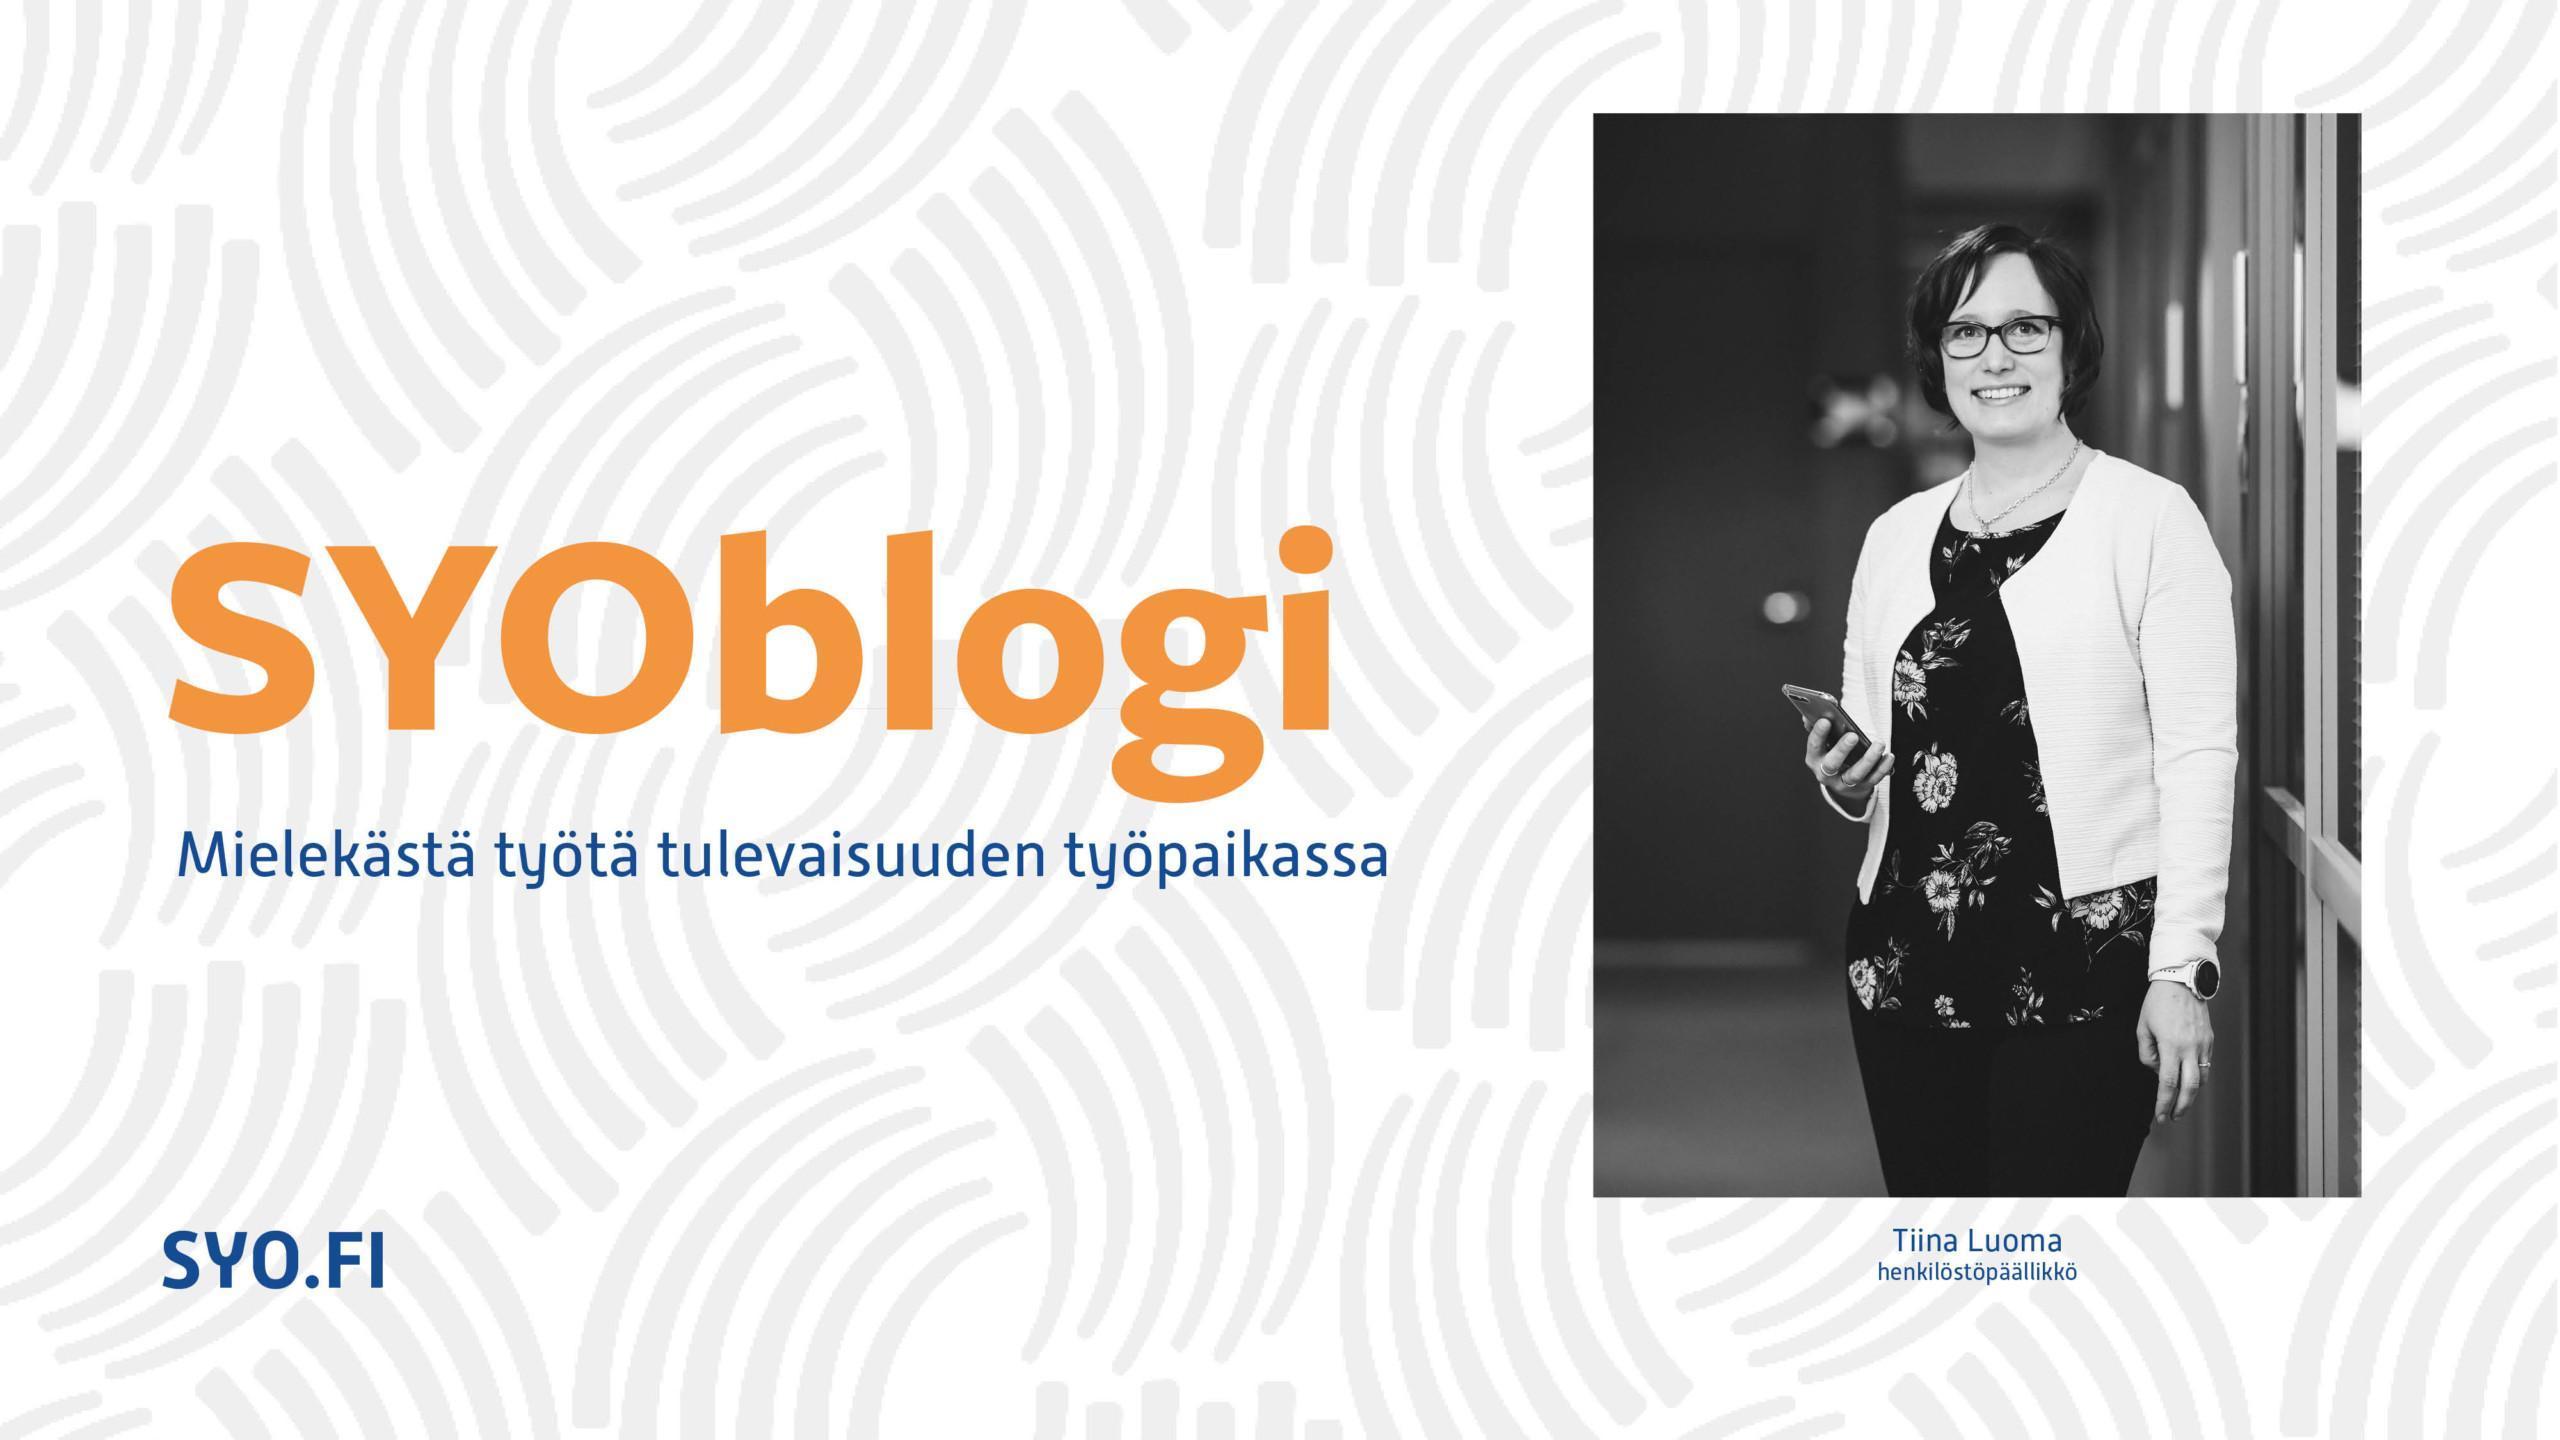 SYOBlogi: Mielekästä työtä tulevaisuuden työpaikassa. Tiina Luoma, henkilöstöpäällikkö.